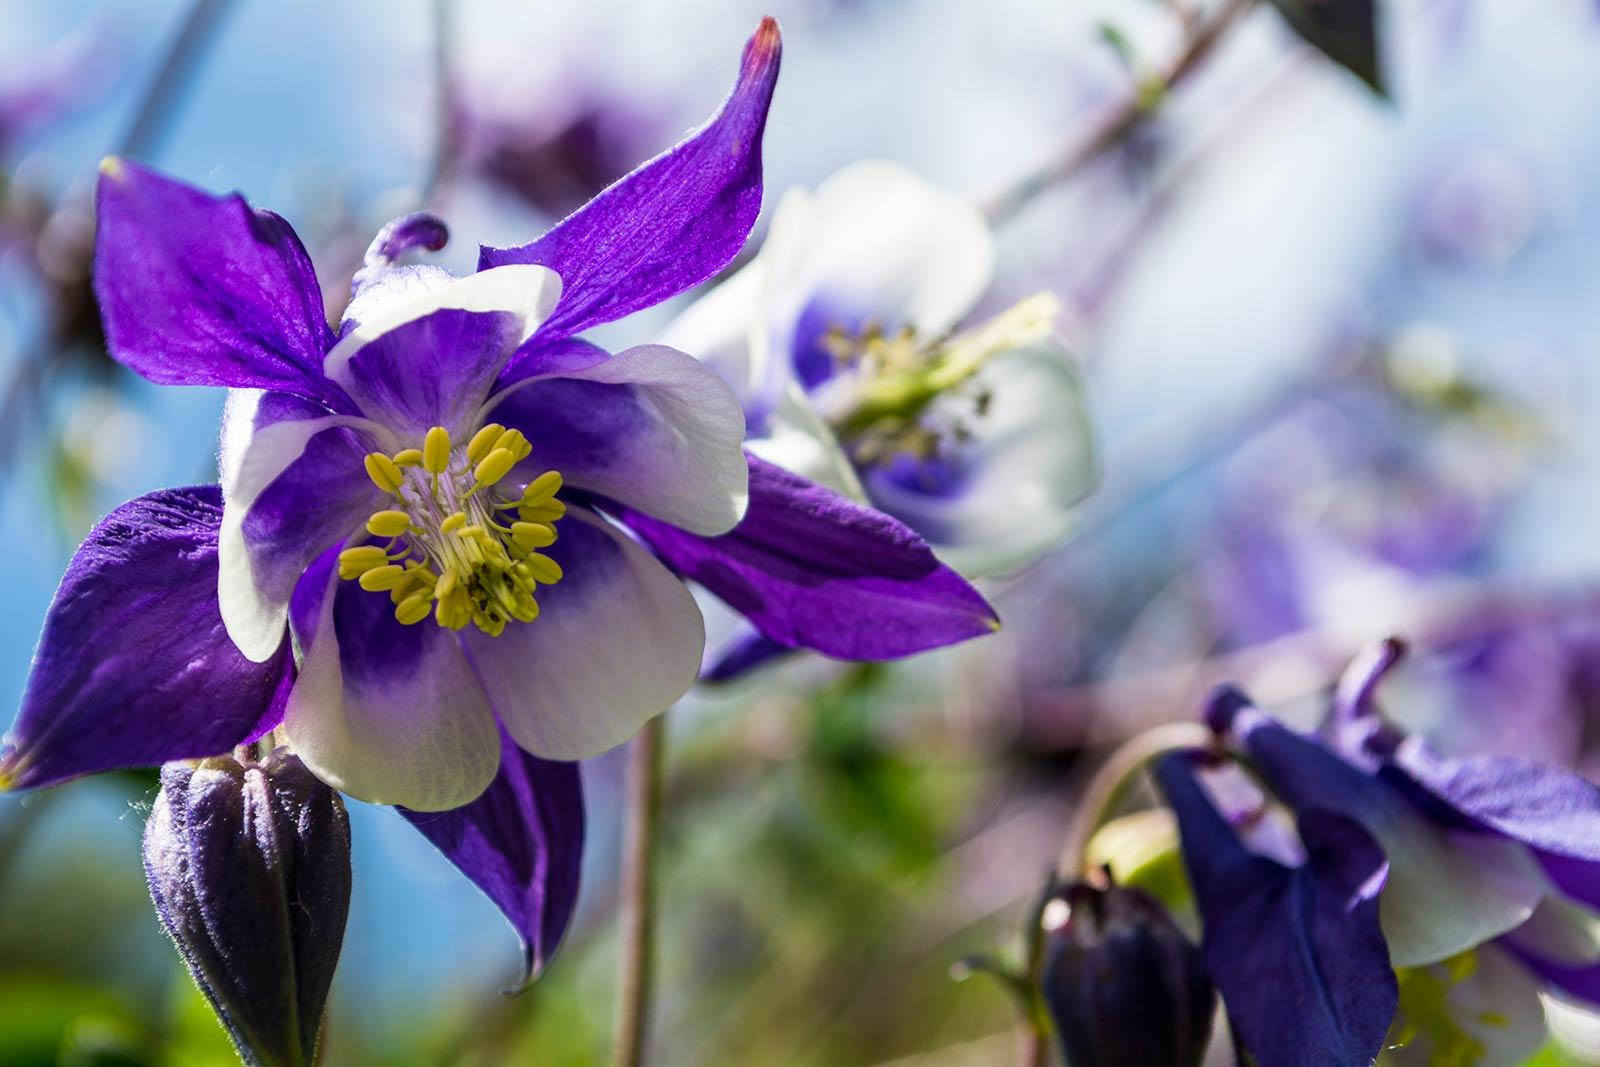 ICMSTUDIOS - Lovely Blue flower - a little bit of depth of field.